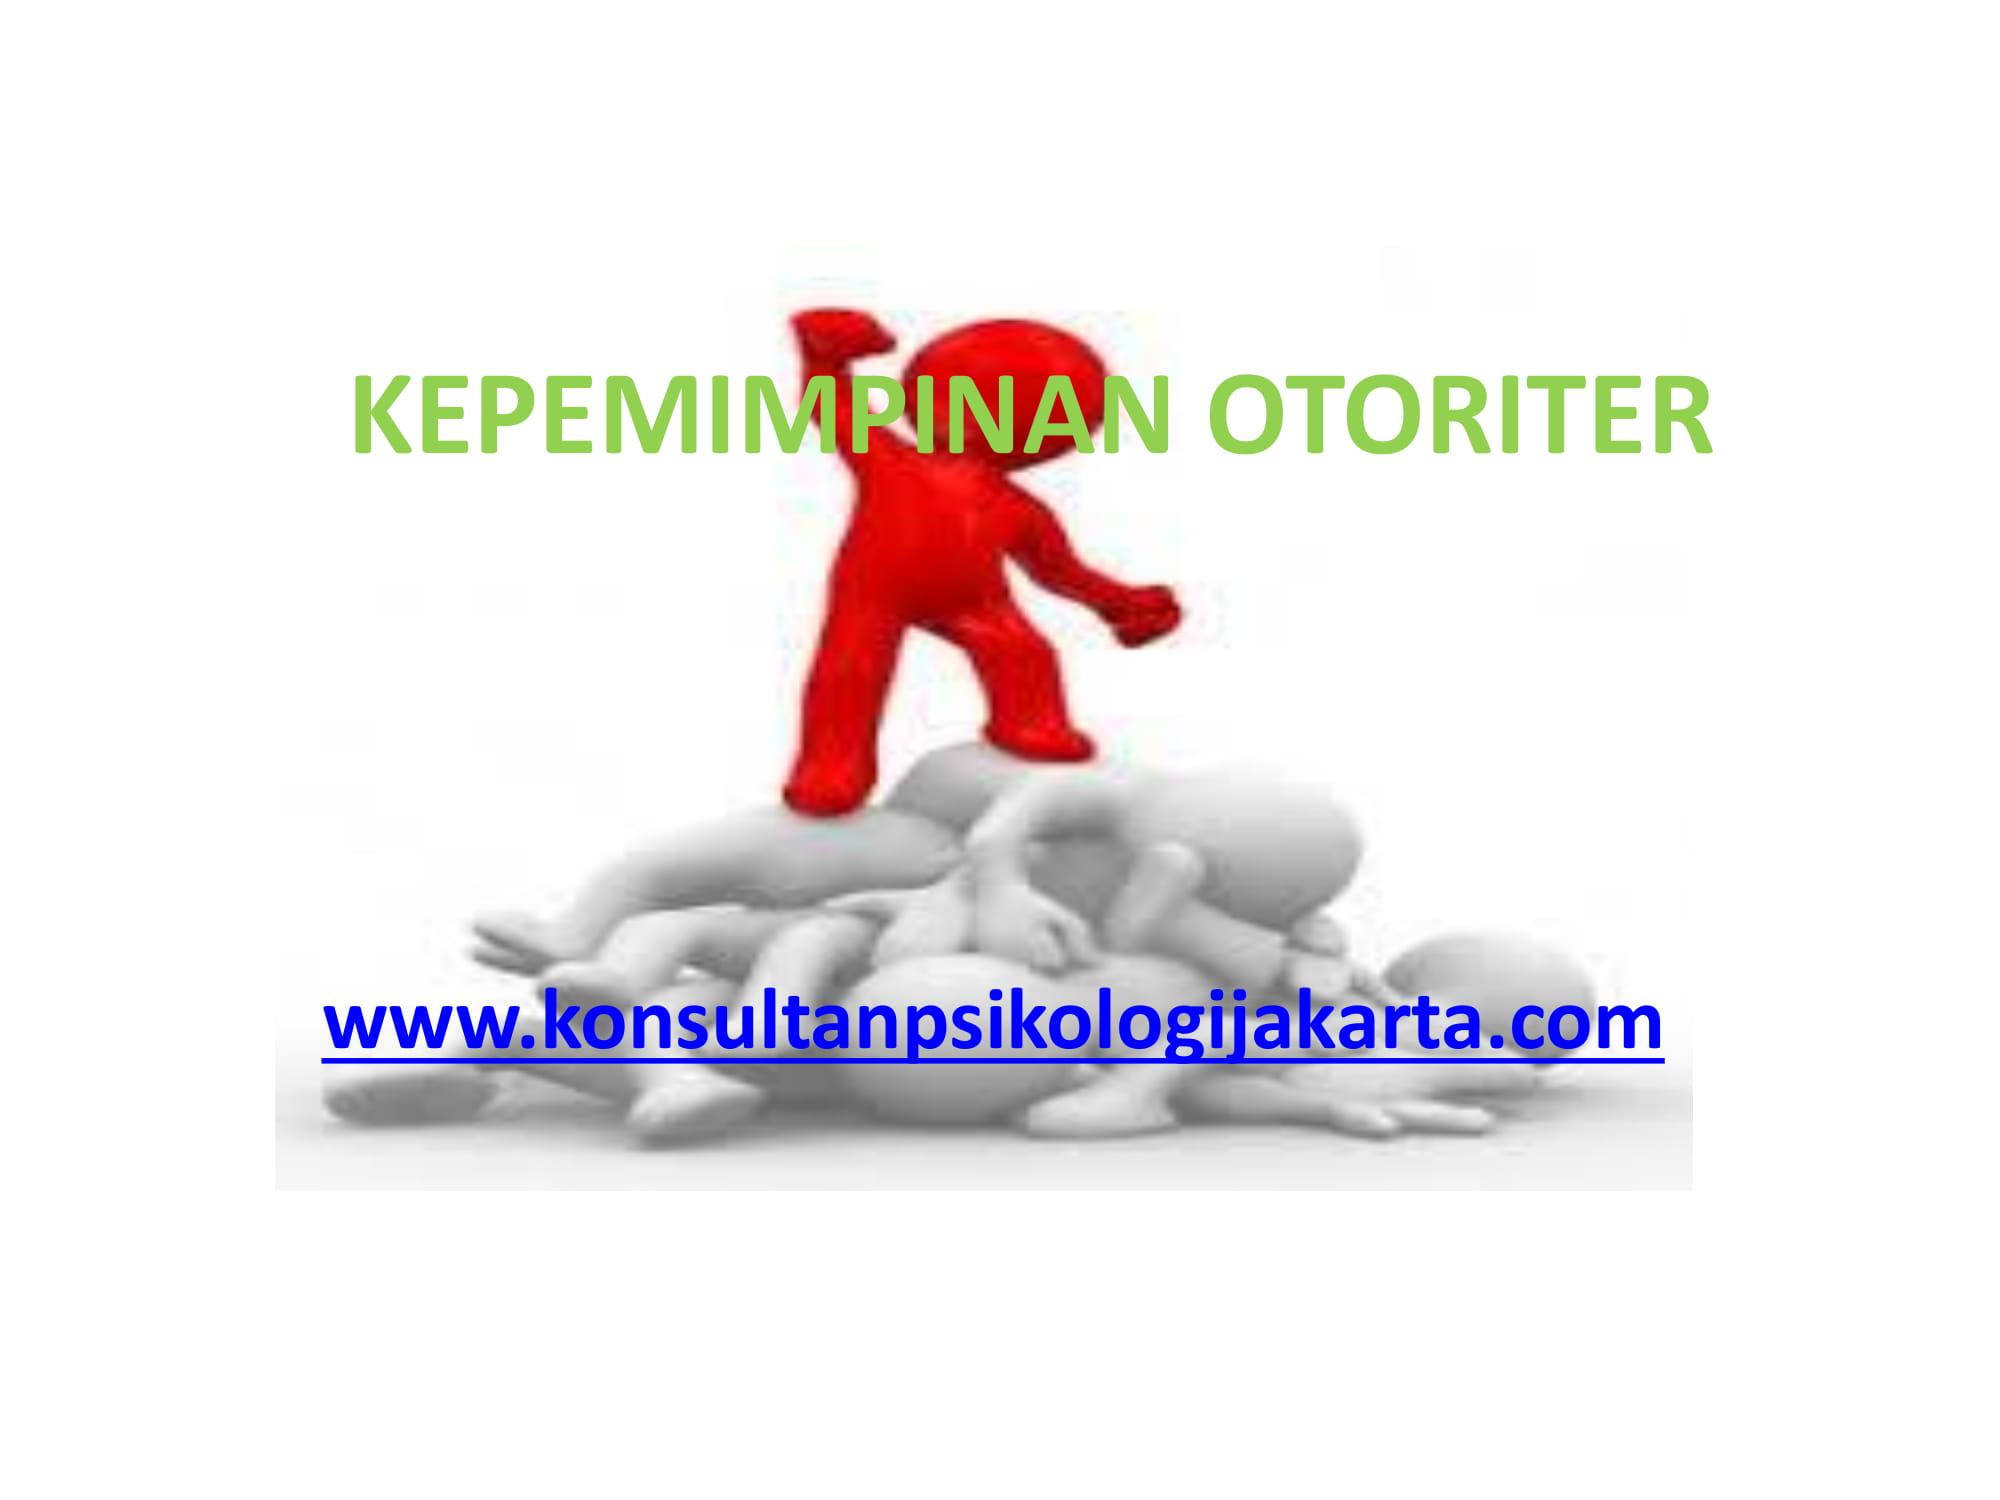 KEPEMIMPINAN OTORITER